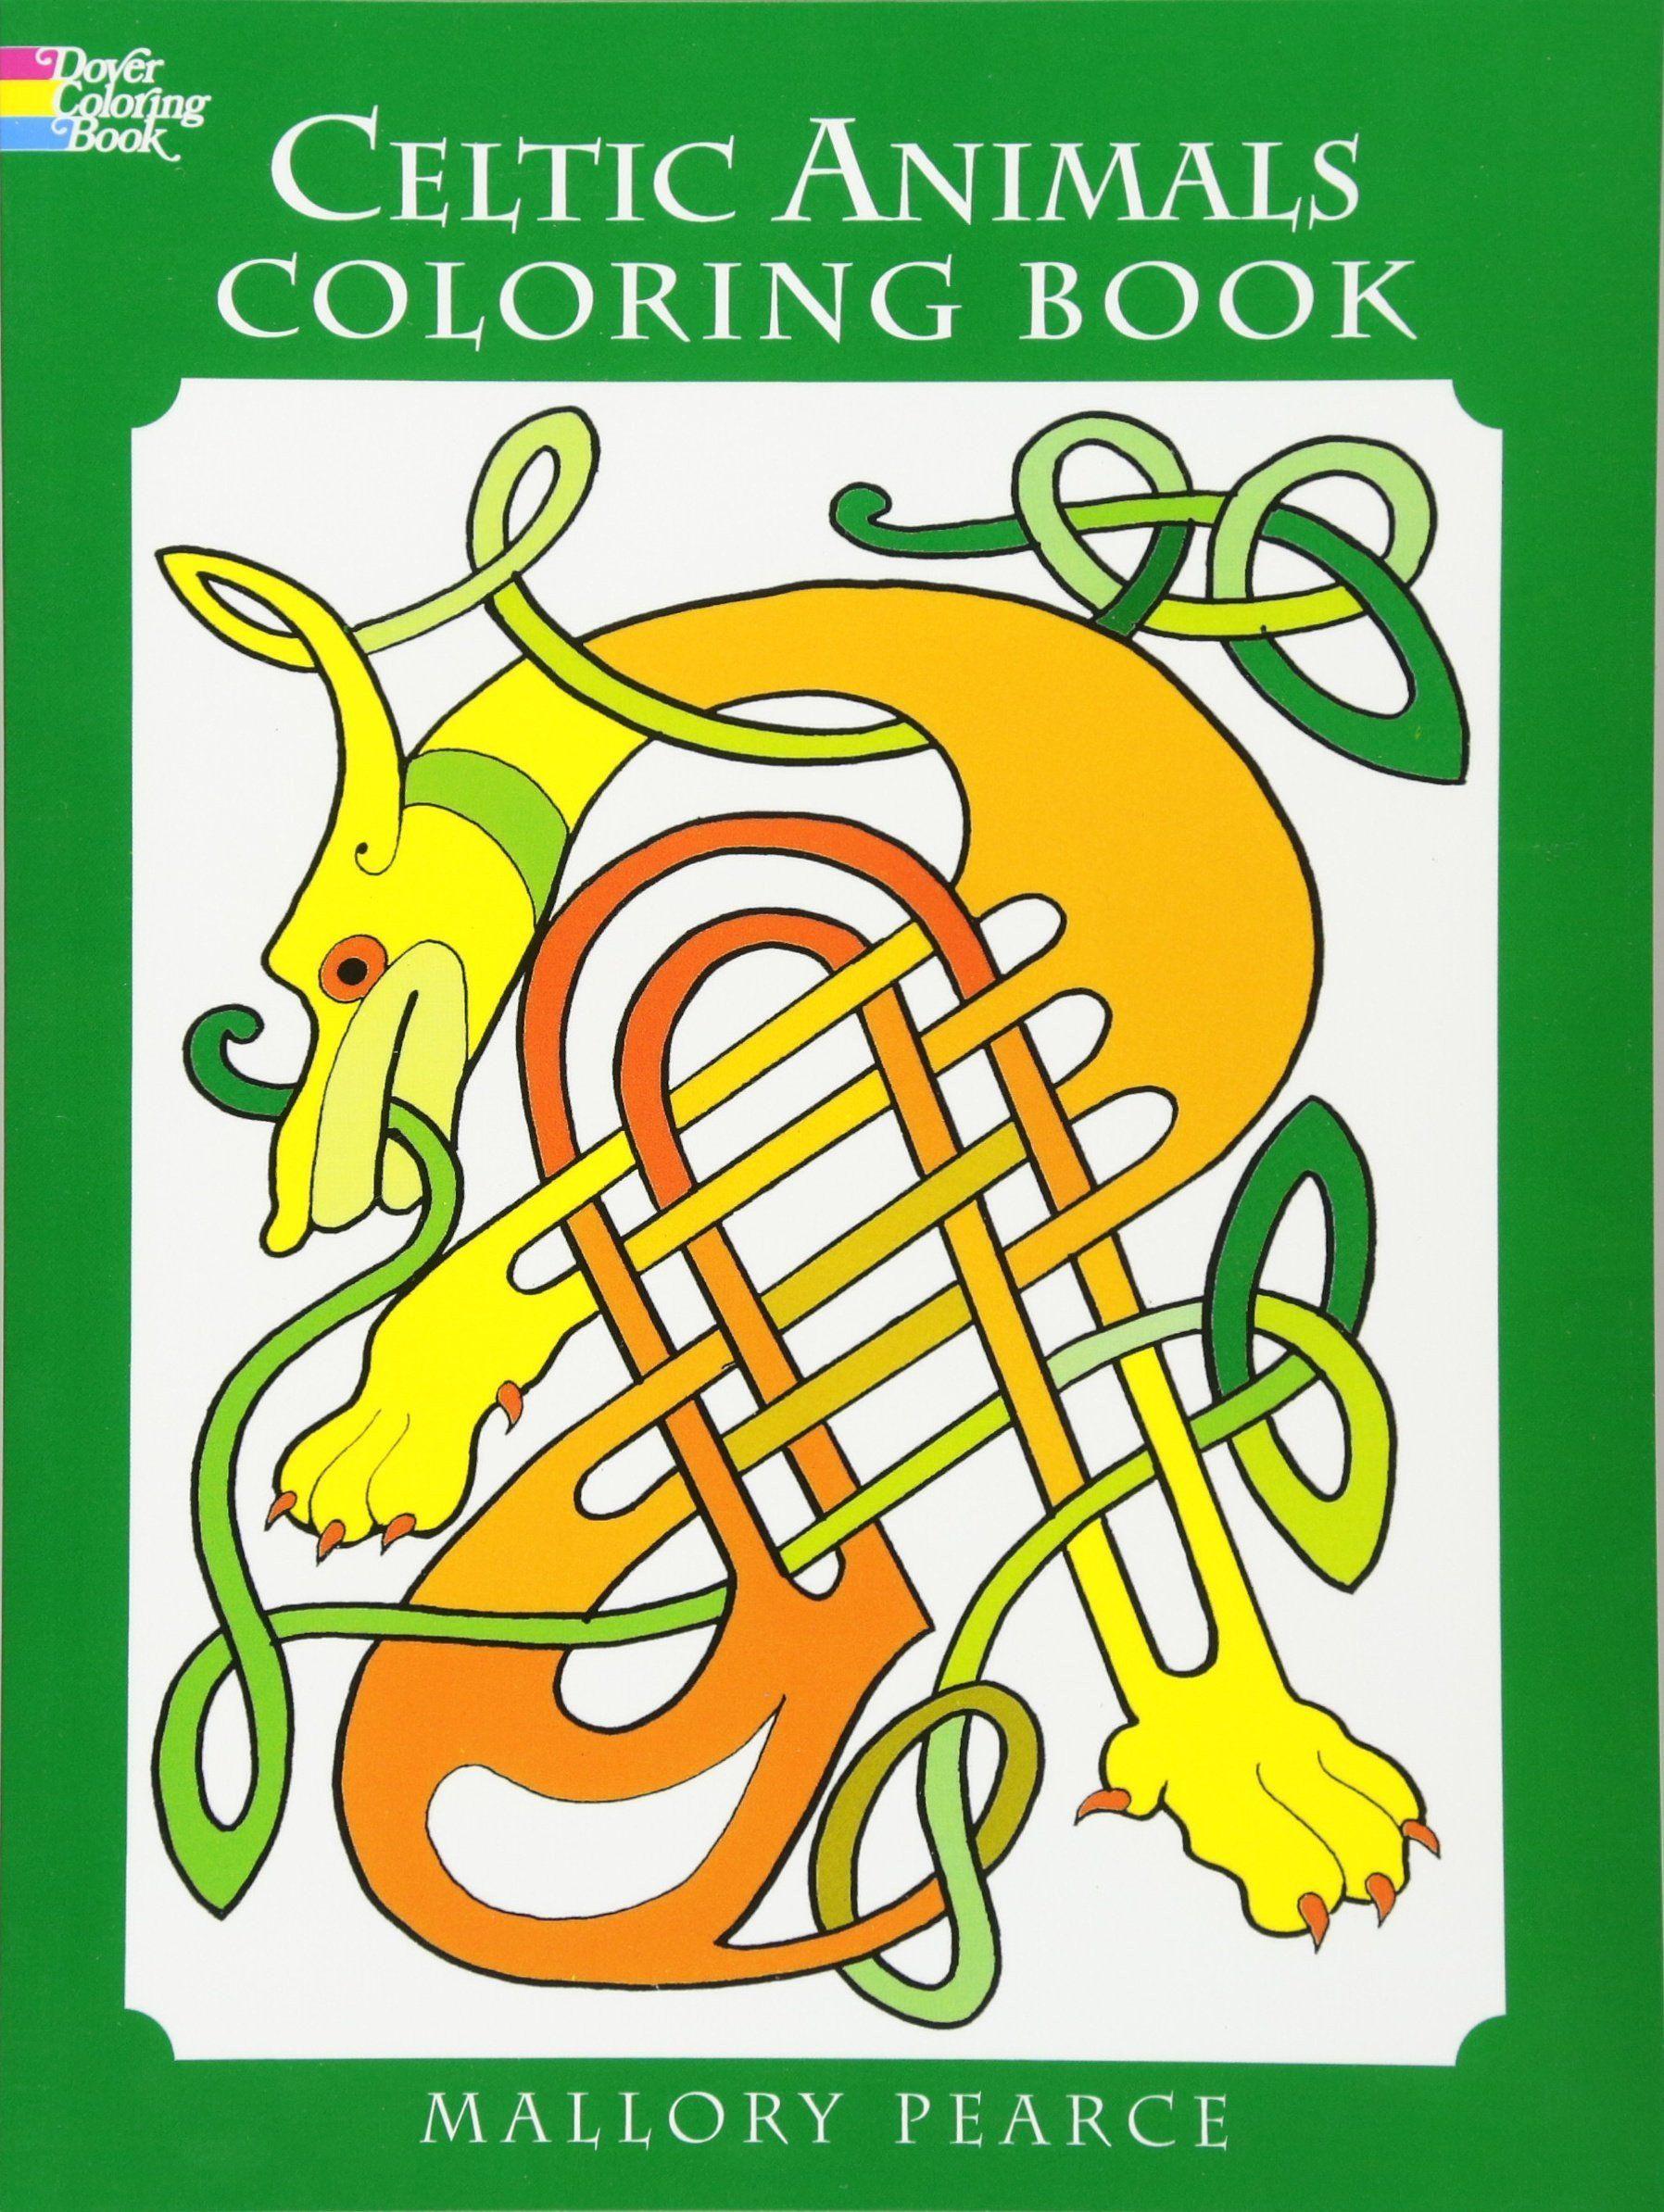 Dover Publications Coloring Books Unique Celtic Animals Colouring Book Dover Coloring Books Amazon Celtic Animals Animal Coloring Books Coloring Books